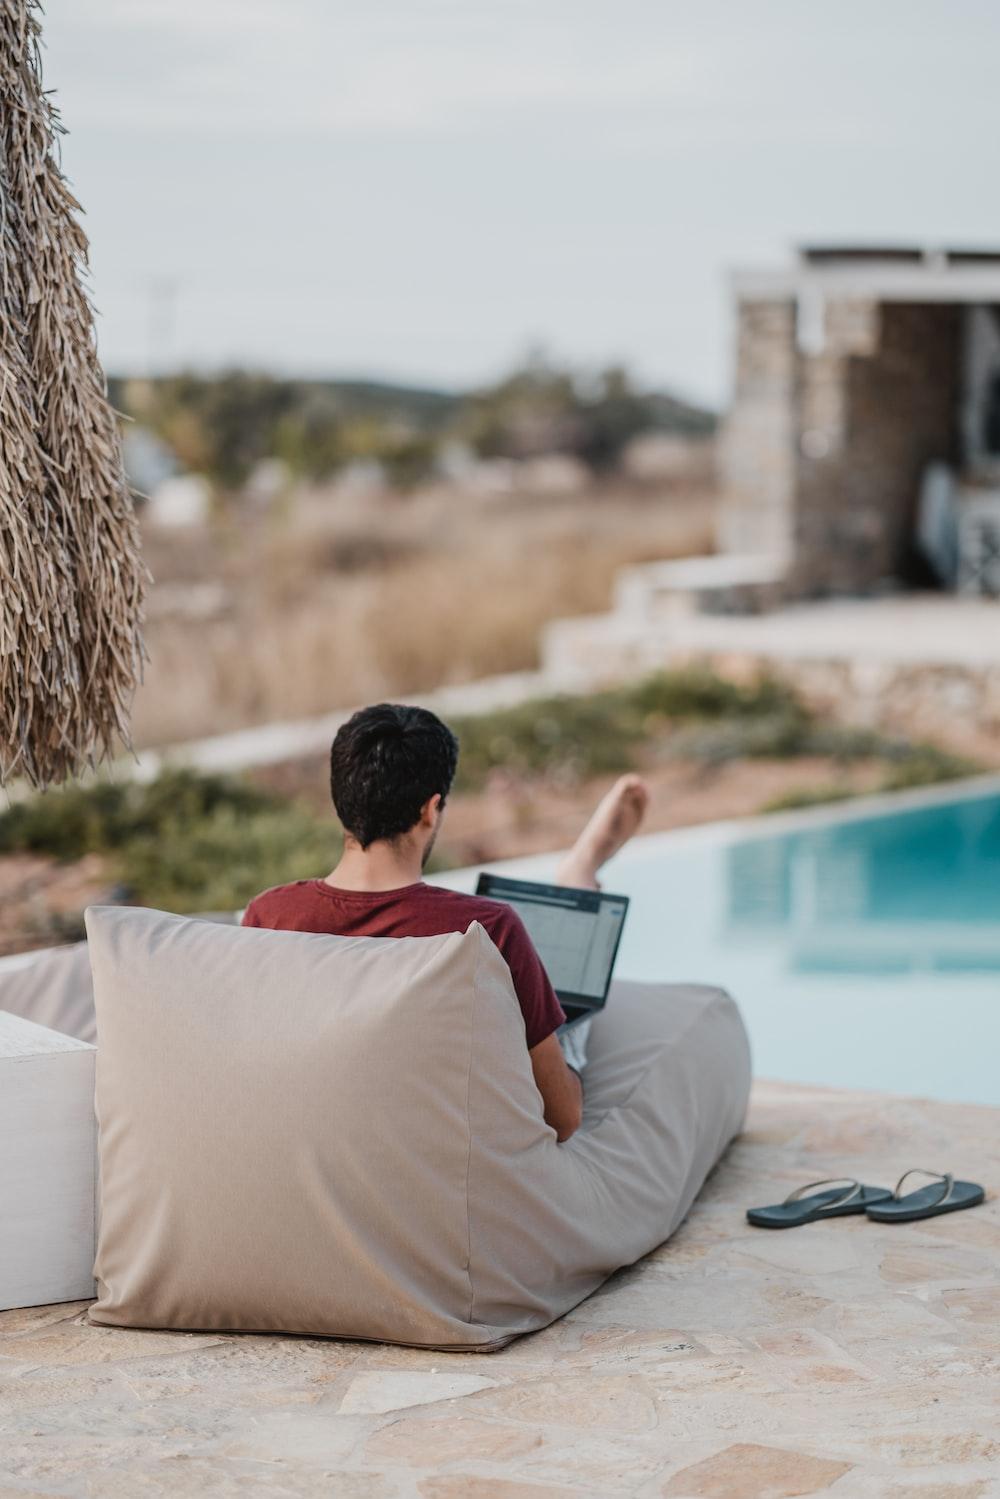 man sitting on lounger while using laptop